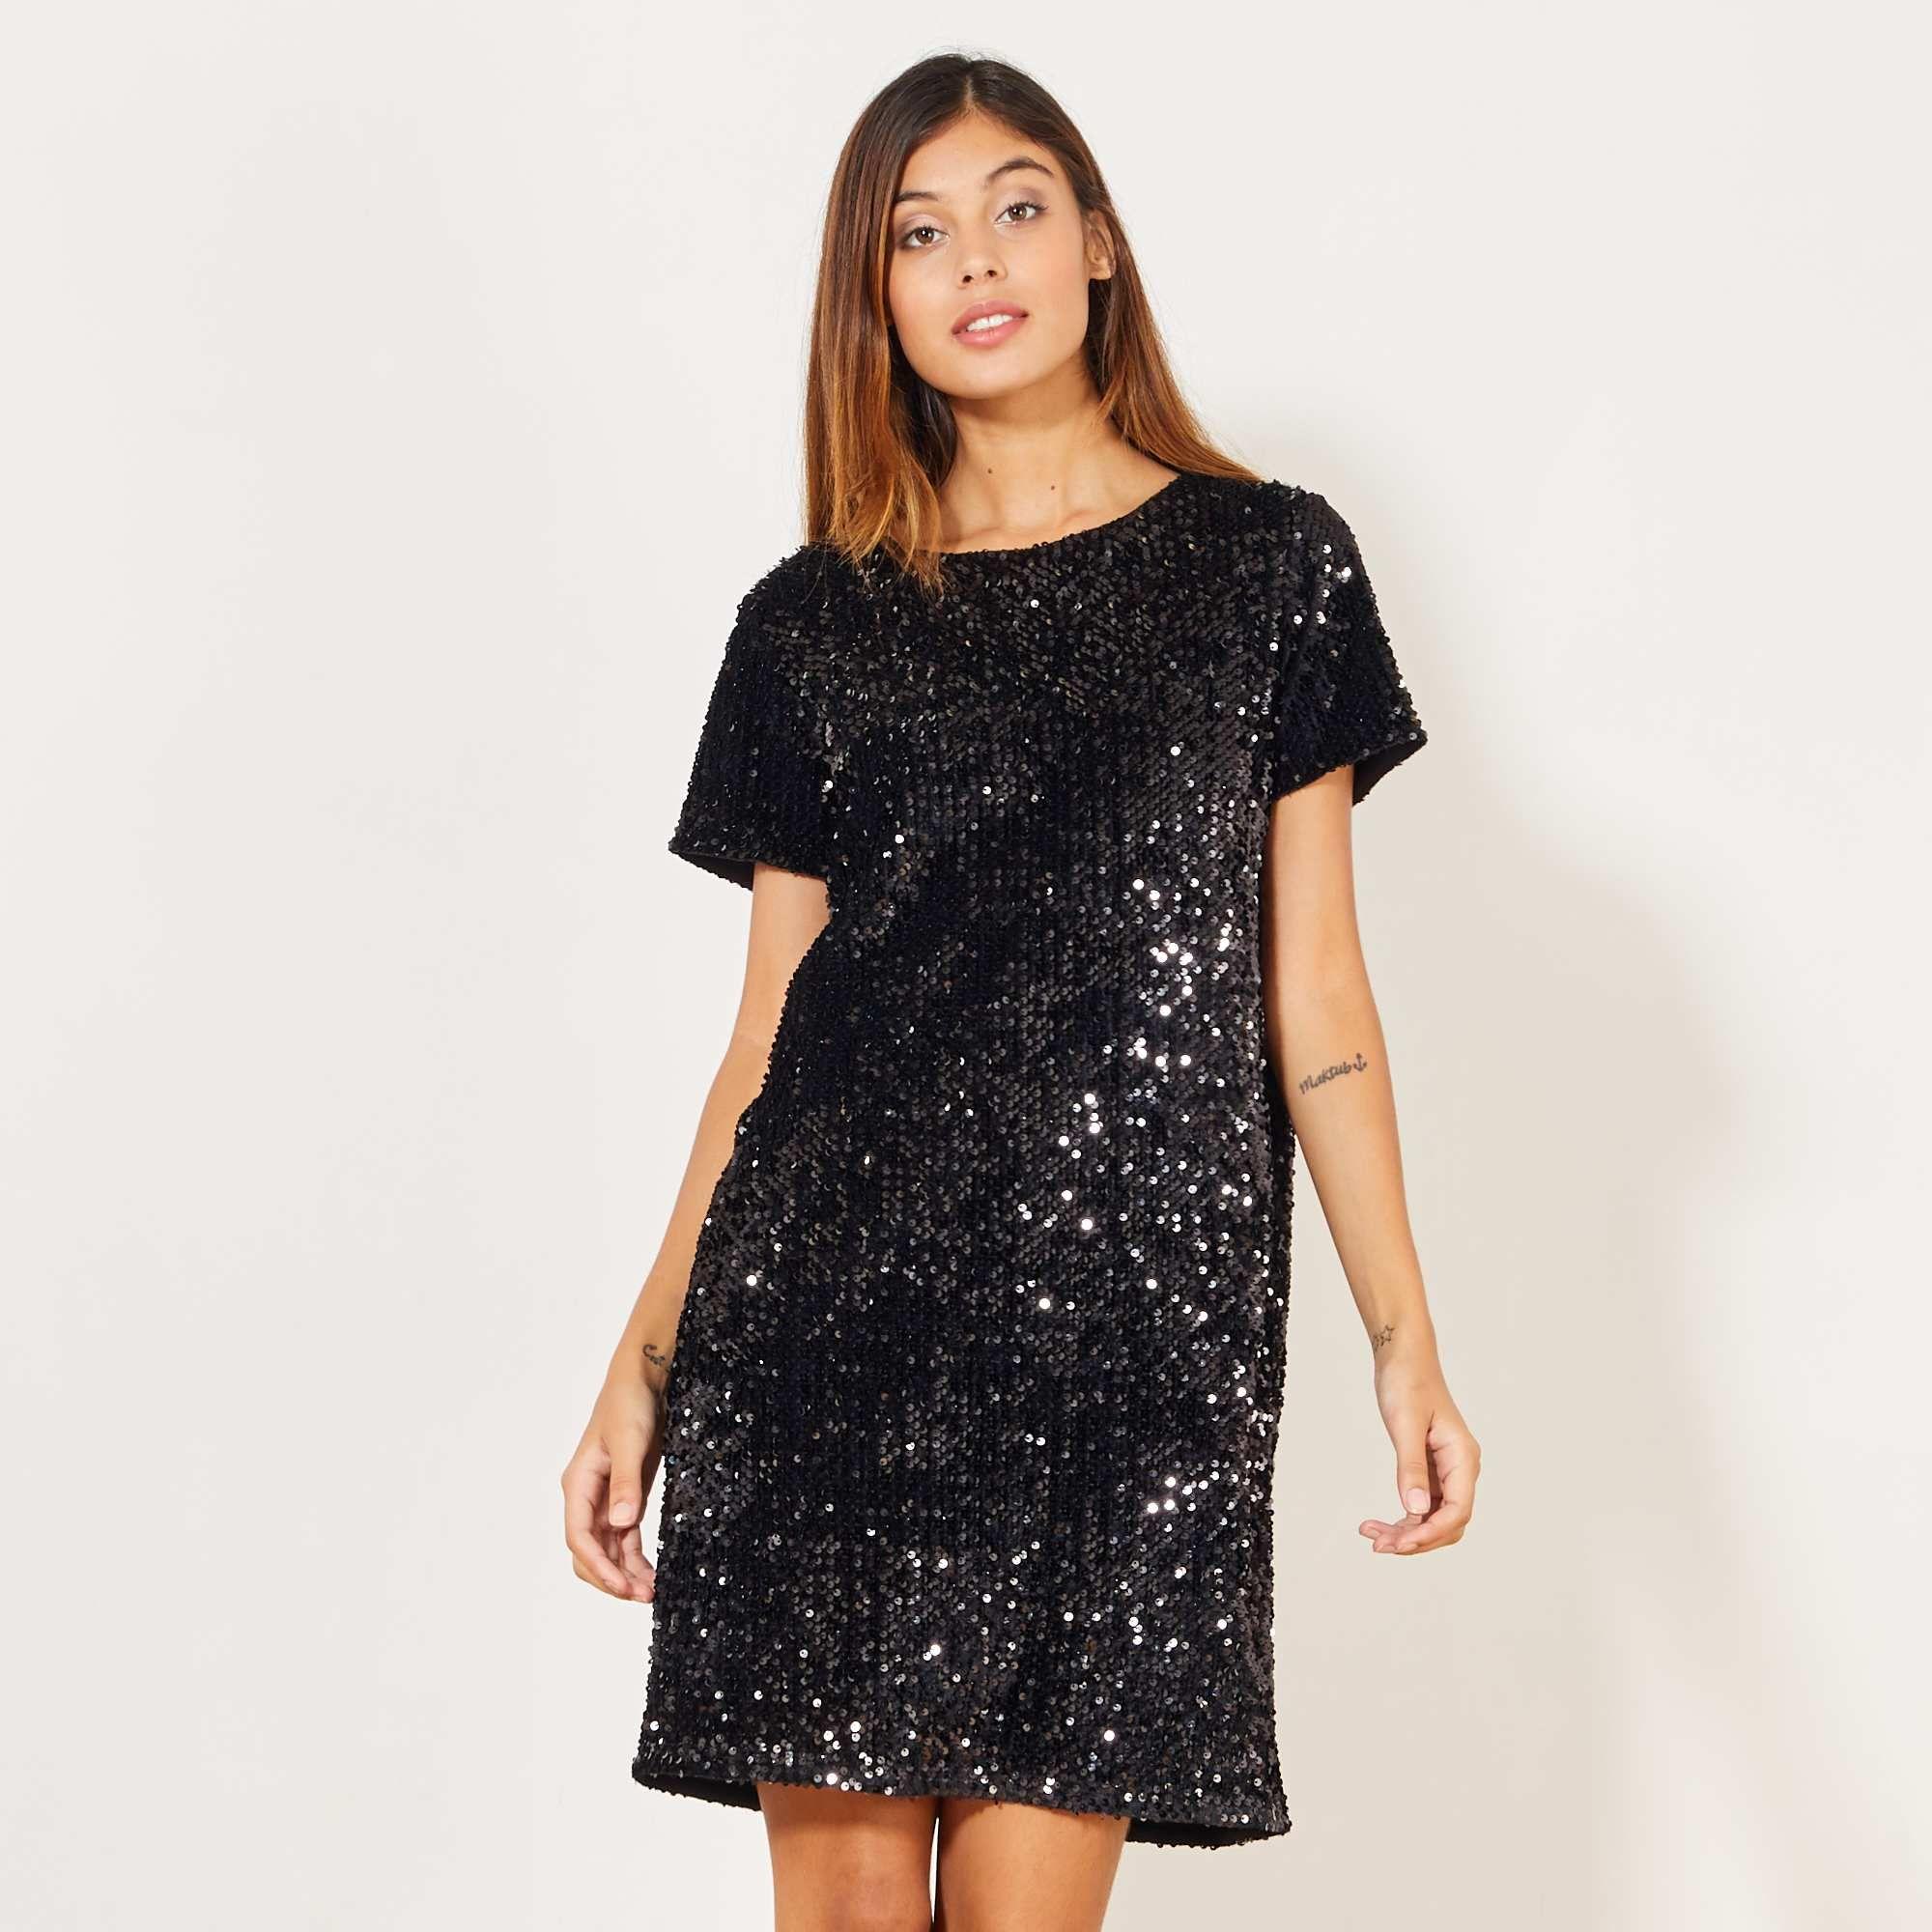 Mode Femme Fetes 2018 15 Robes Pour Le Reveillon